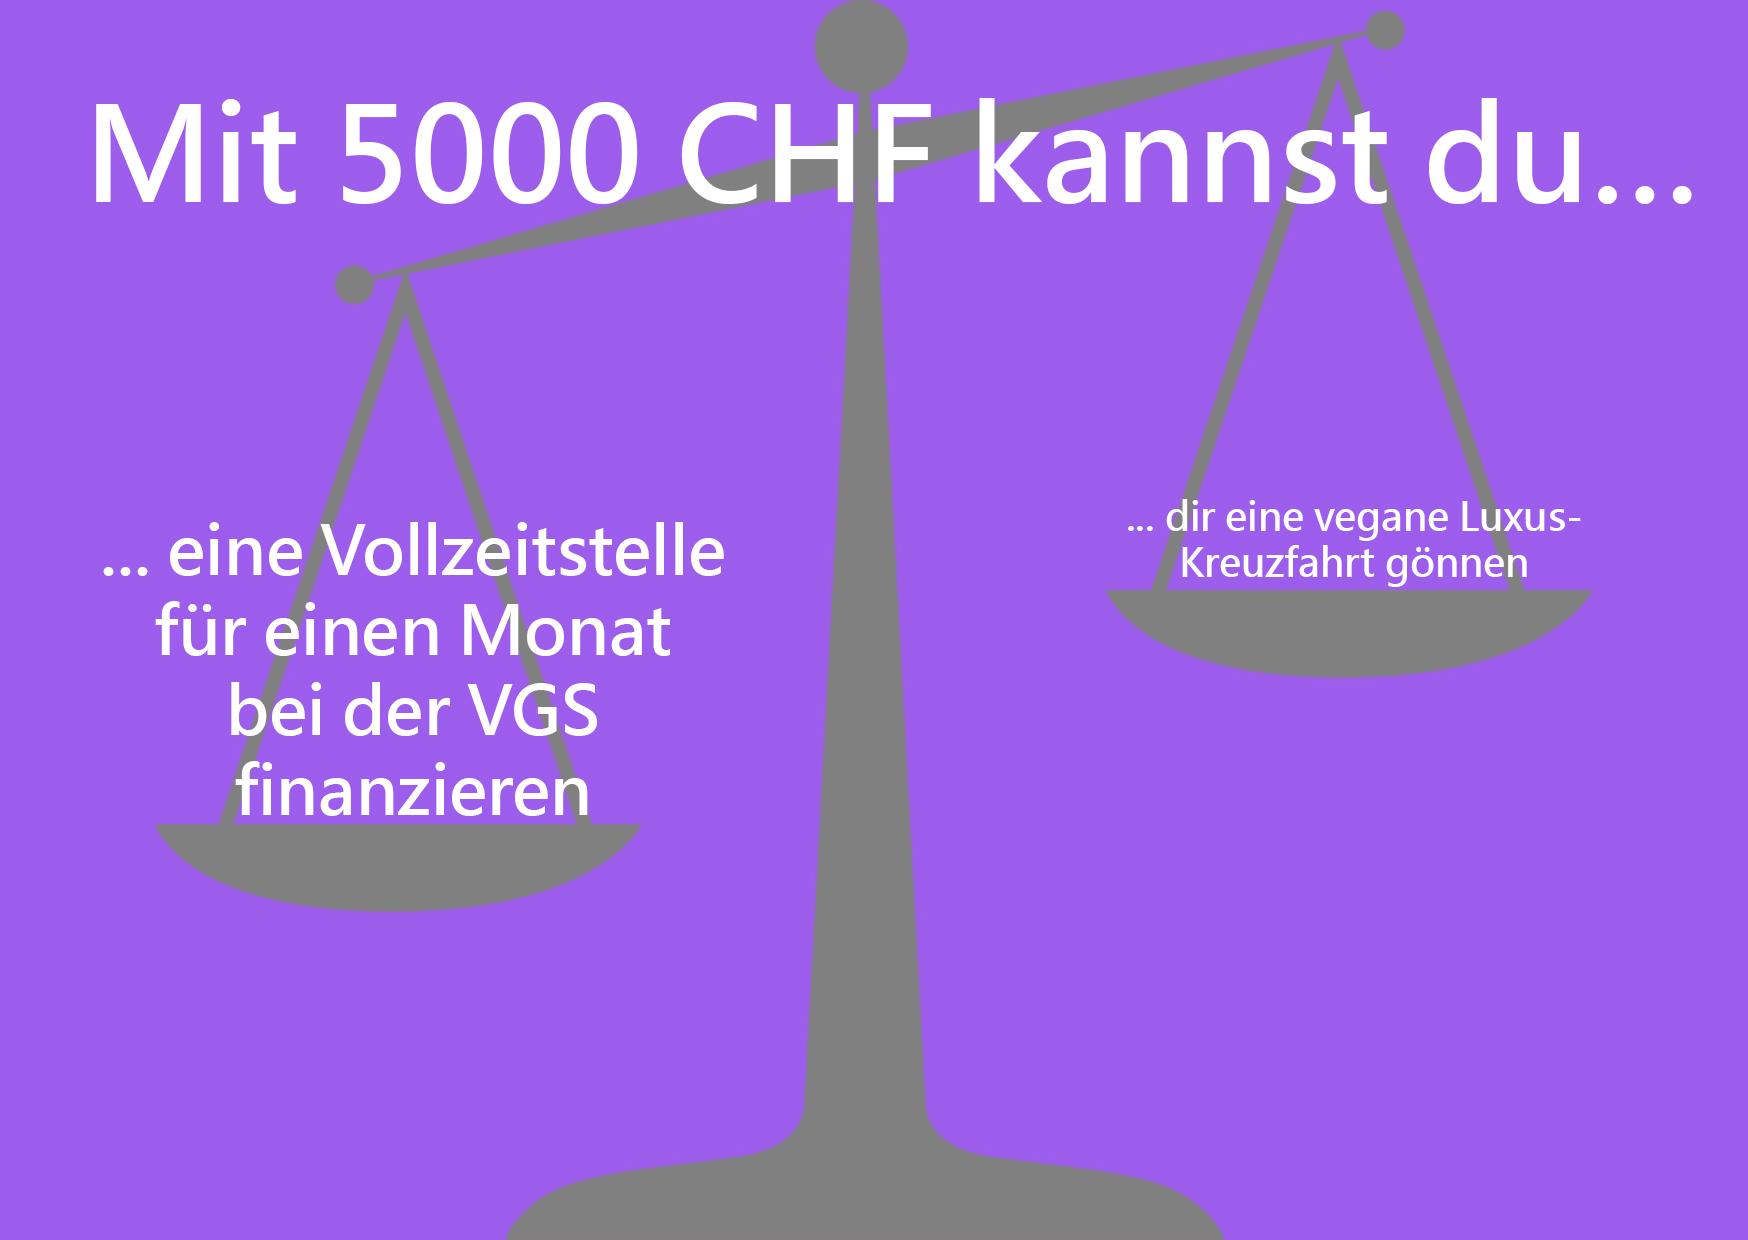 Spenden Nudging 5000 Franken Seite A